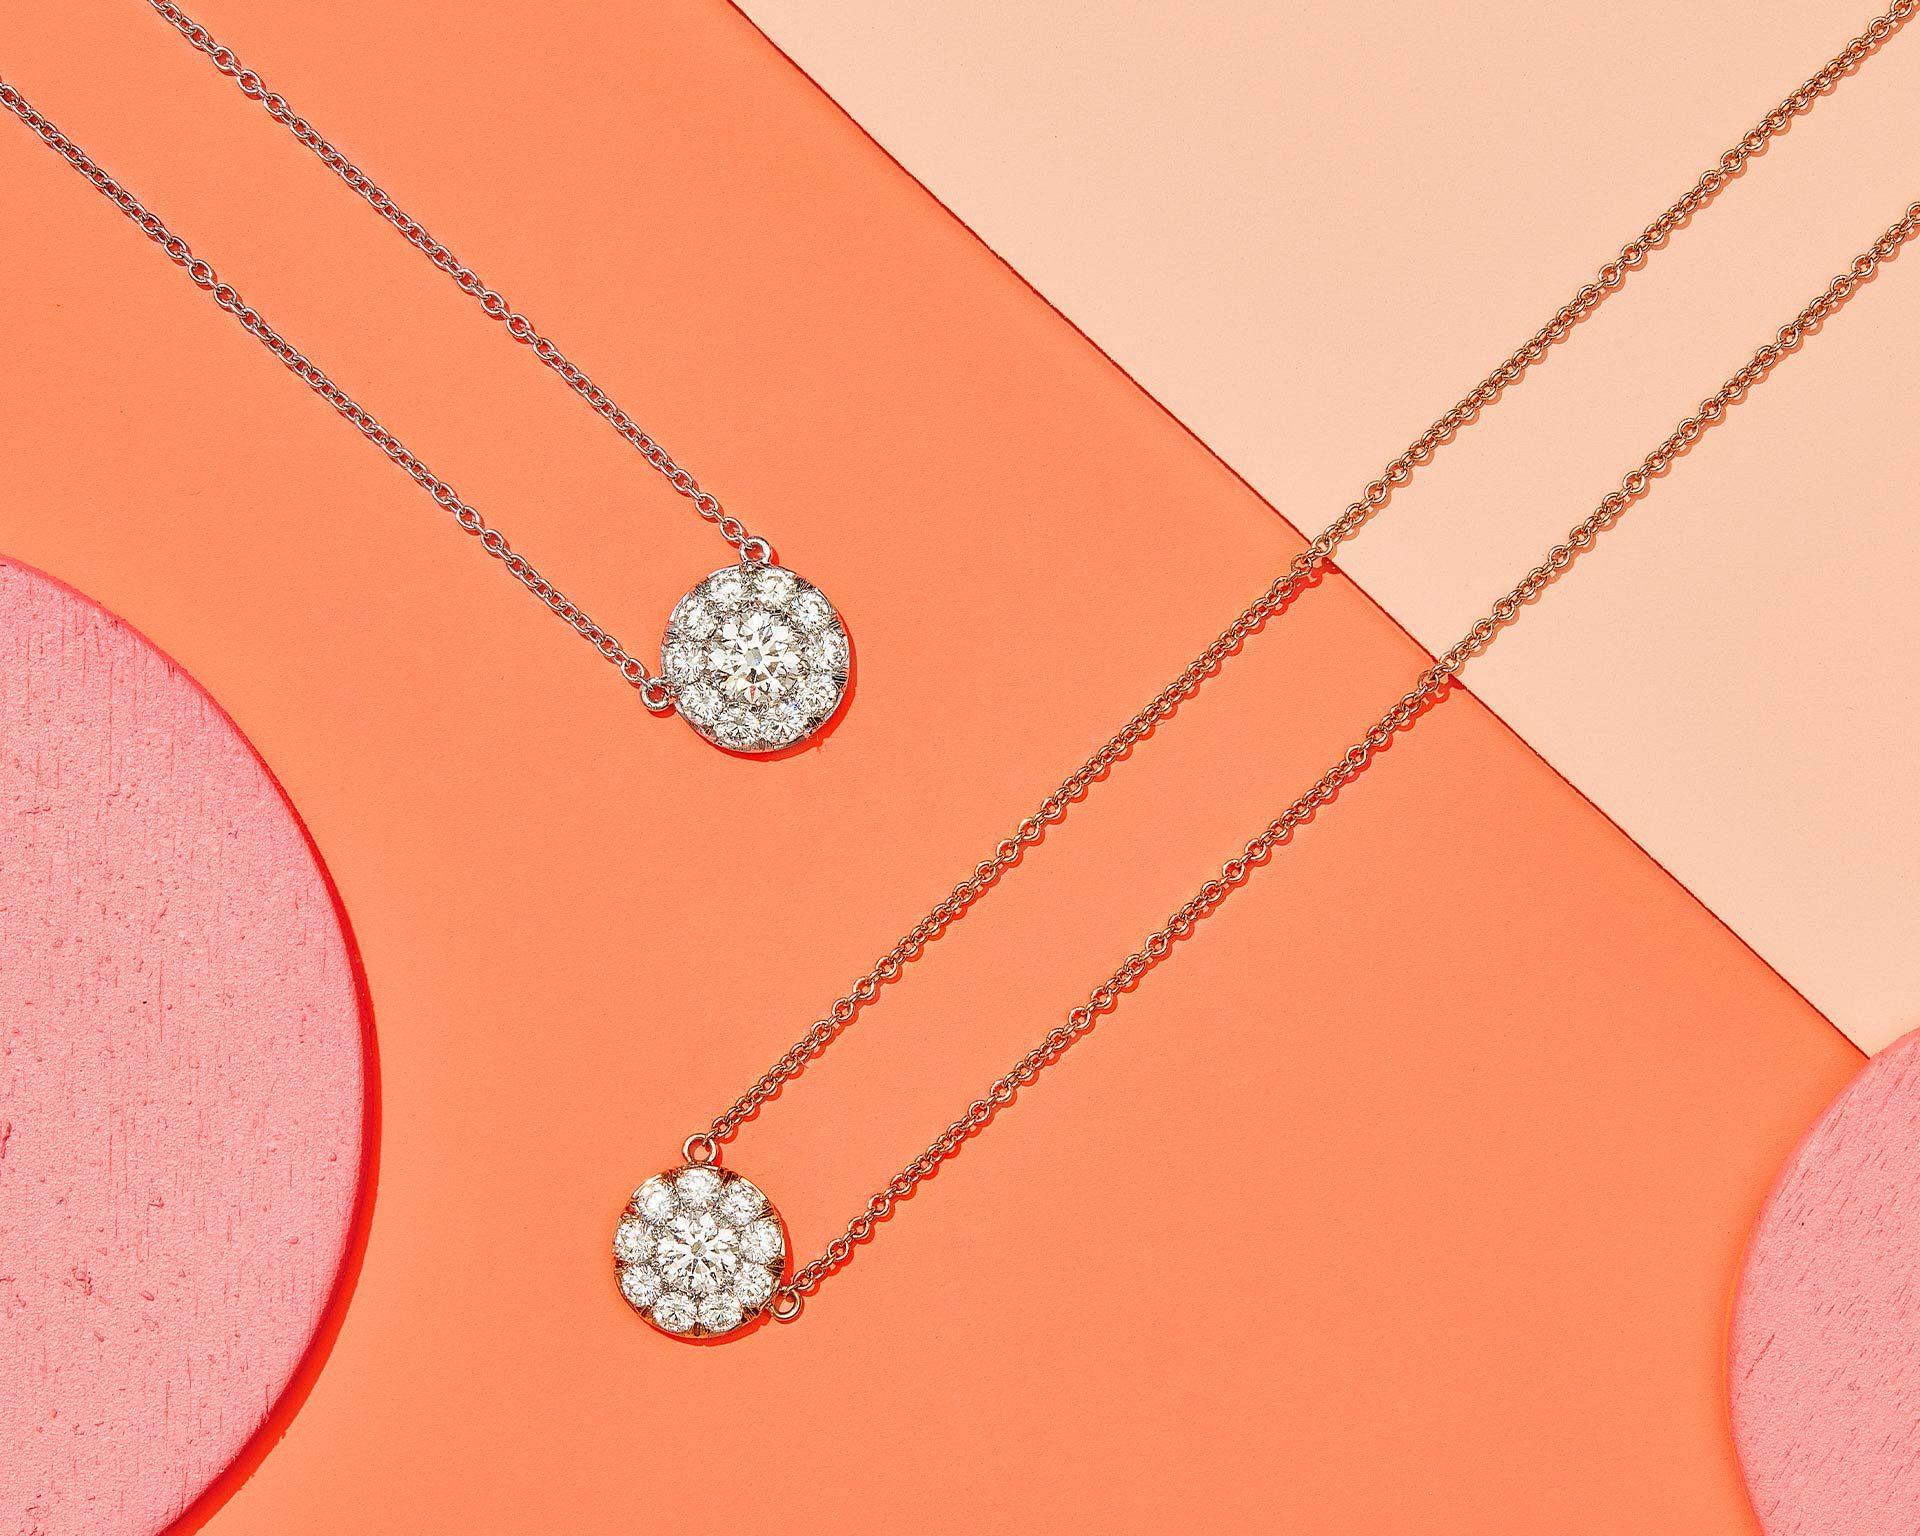 Diamond Pendants by Oui by Jean Dousset